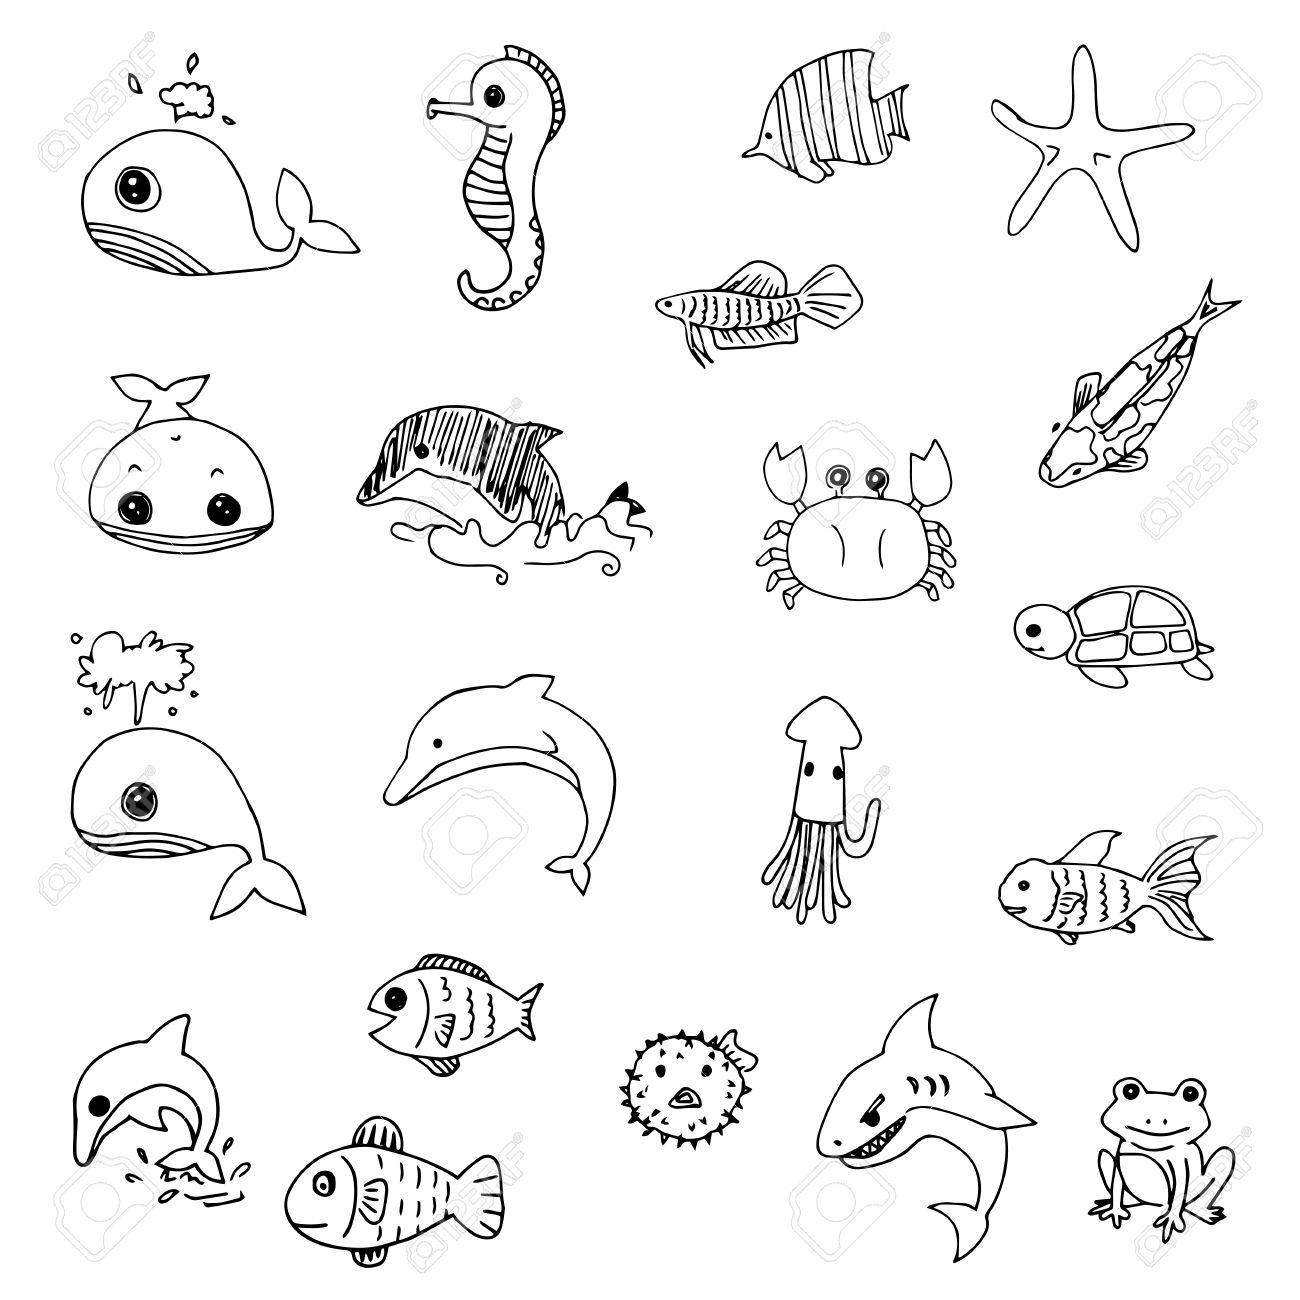 1300x1300 Aquatic Animals Drawn Vector Royalty Free Cliparts, Vectors, And